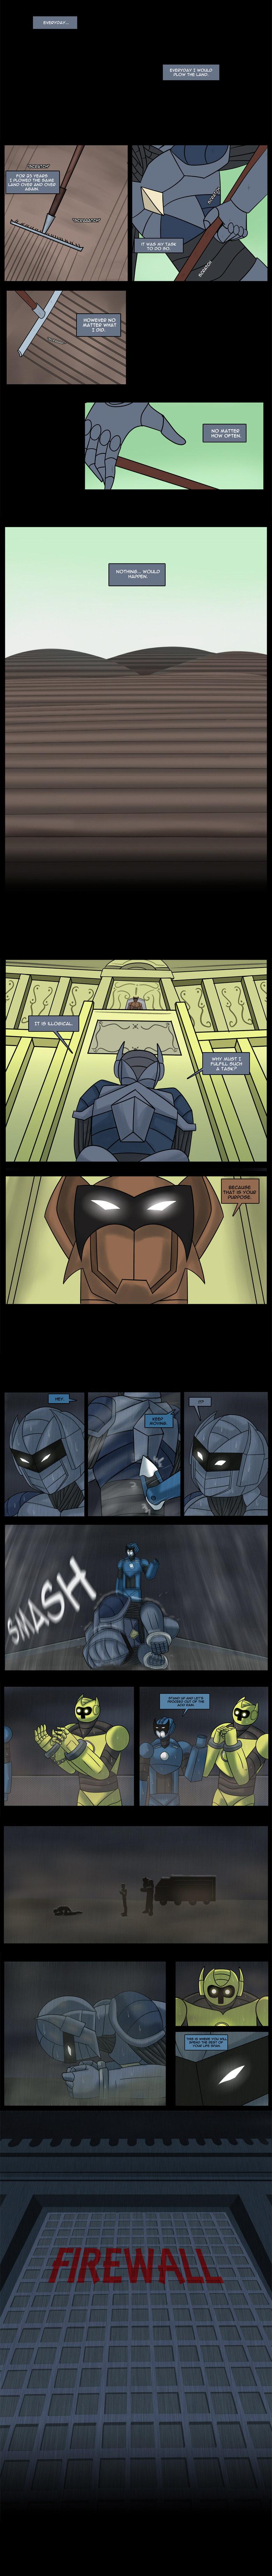 Line Webtoon Sci-fi: Error - I'm alive